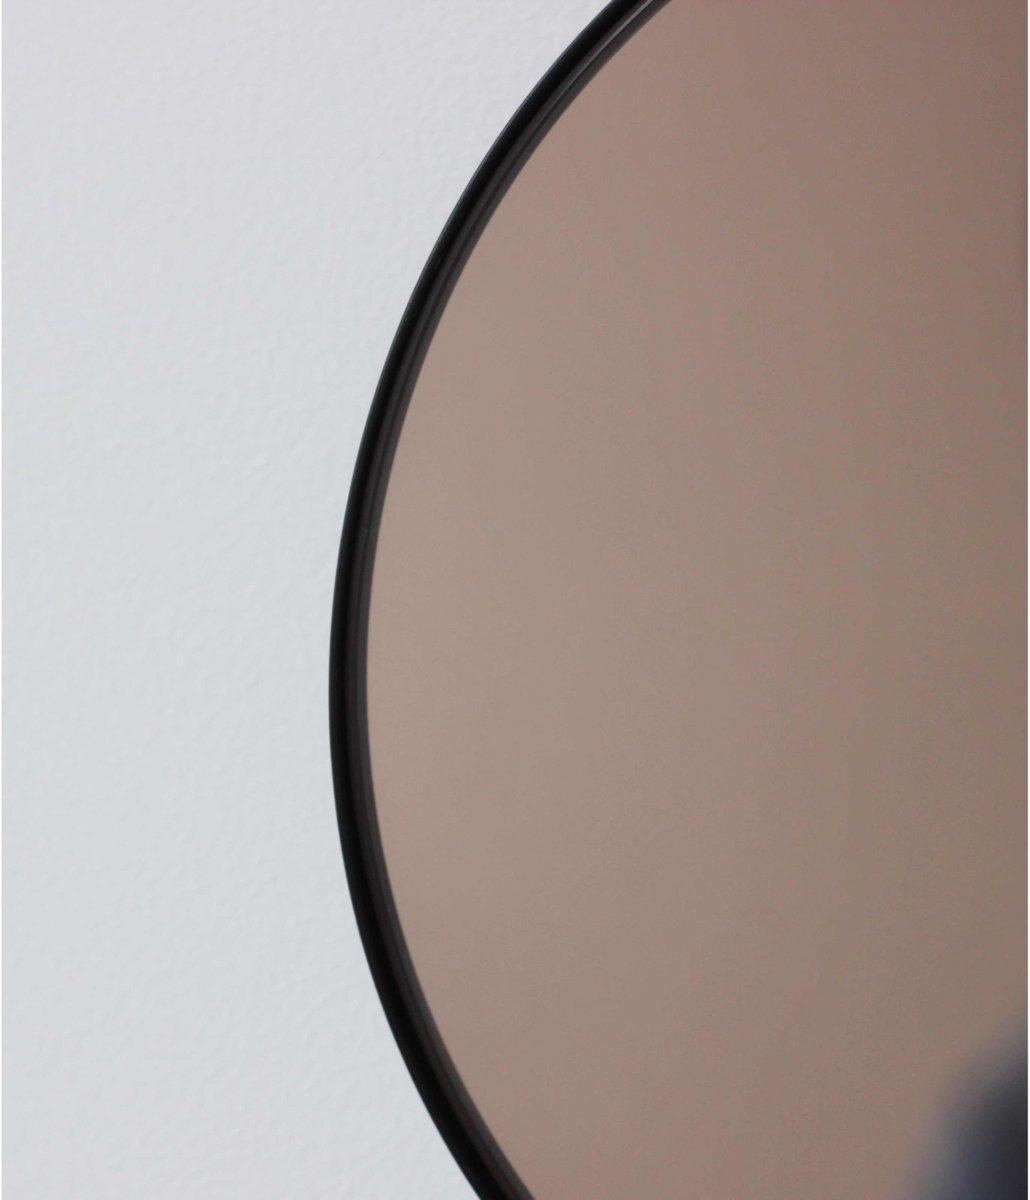 grand miroir rond orbis teint bronze avec cadre noir par alguacil perkoff ltd en vente sur pamono. Black Bedroom Furniture Sets. Home Design Ideas